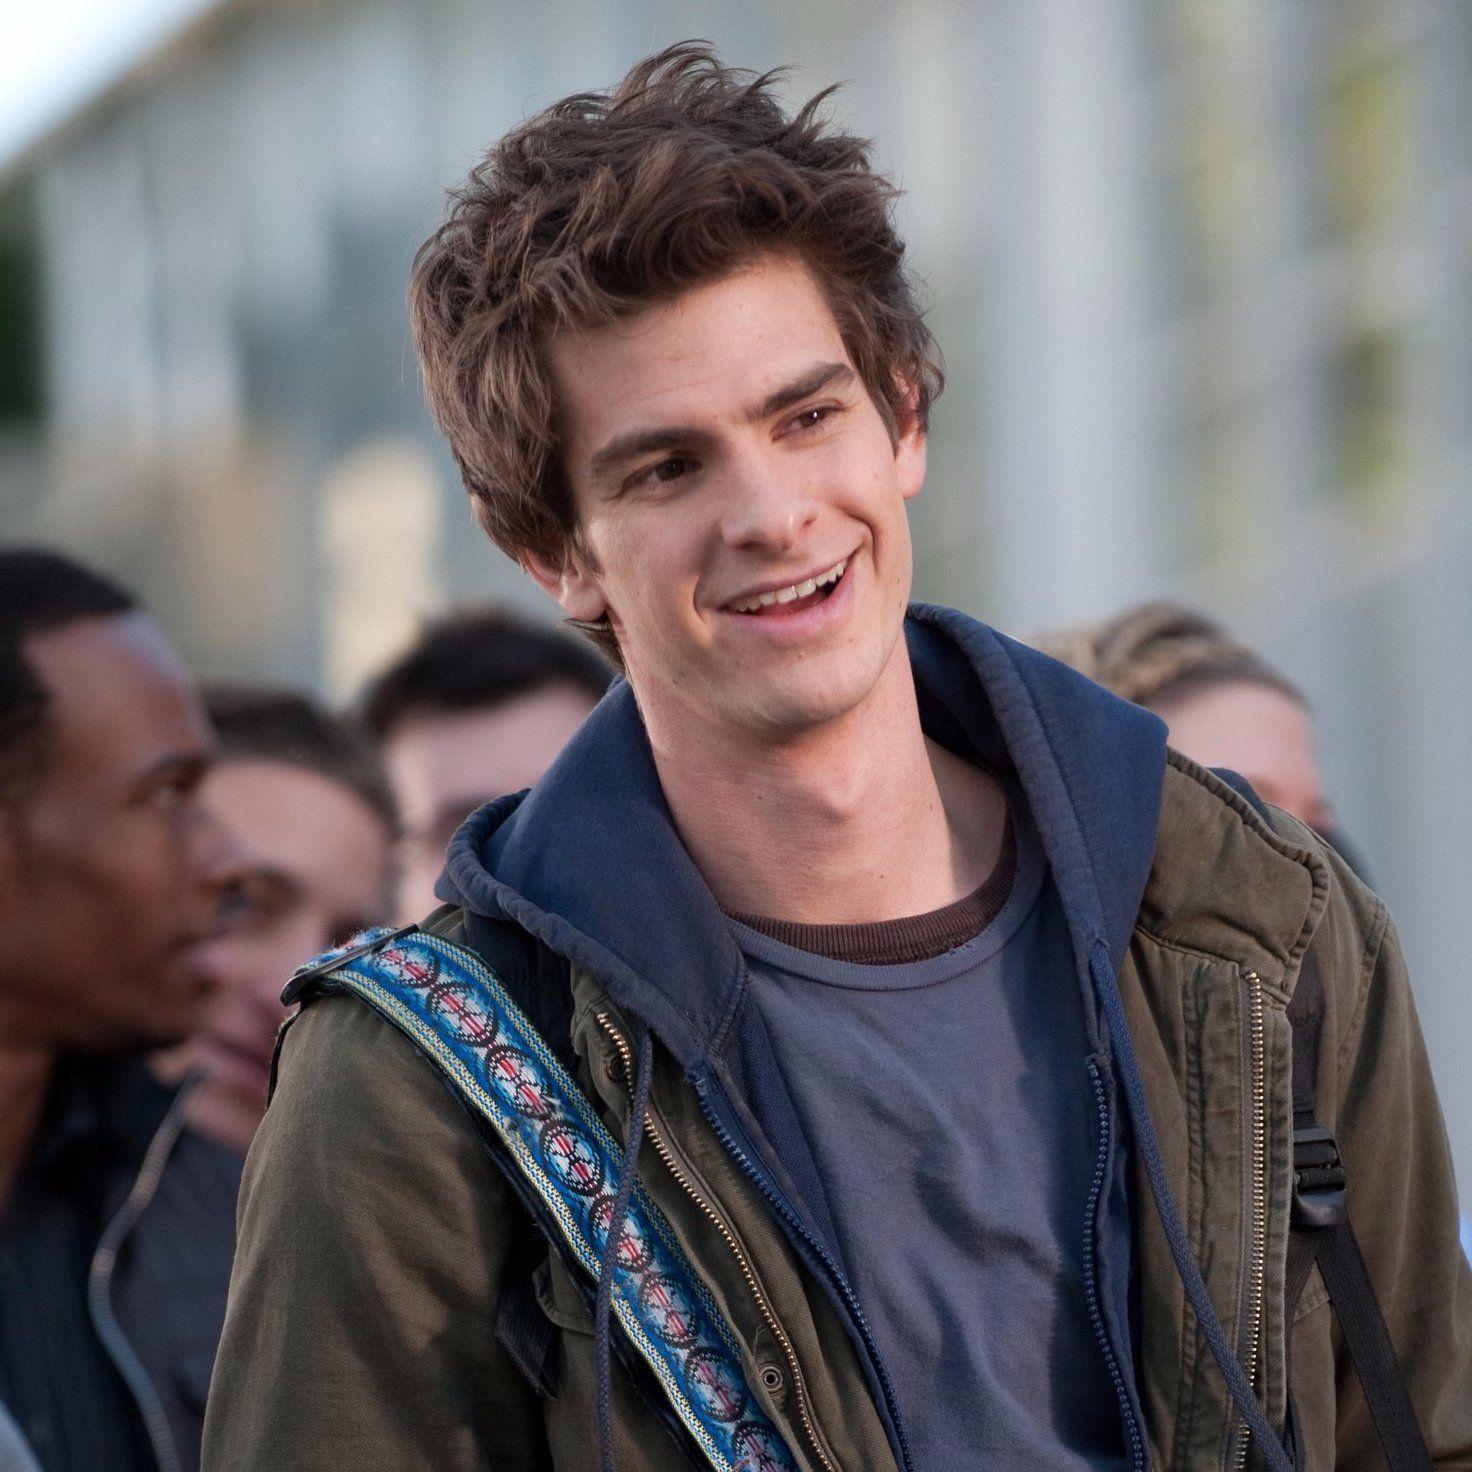 Andrew Garfield Hairstyles Andrew Garfield Spiderman Andrew Garfield Emma Stone Andrew Garfield